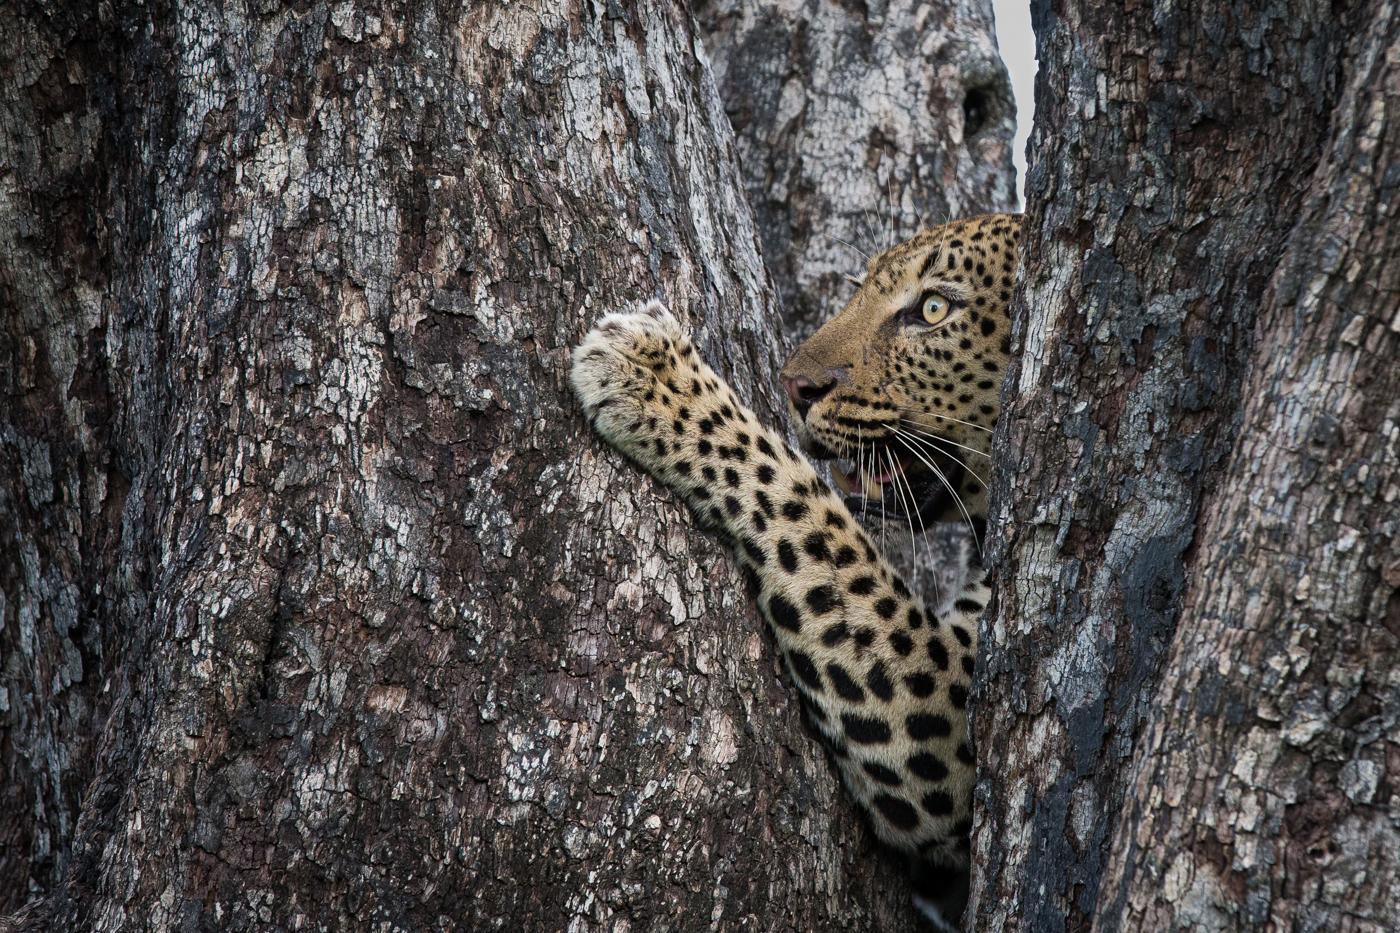 Flat Rock leopard tree climb JT